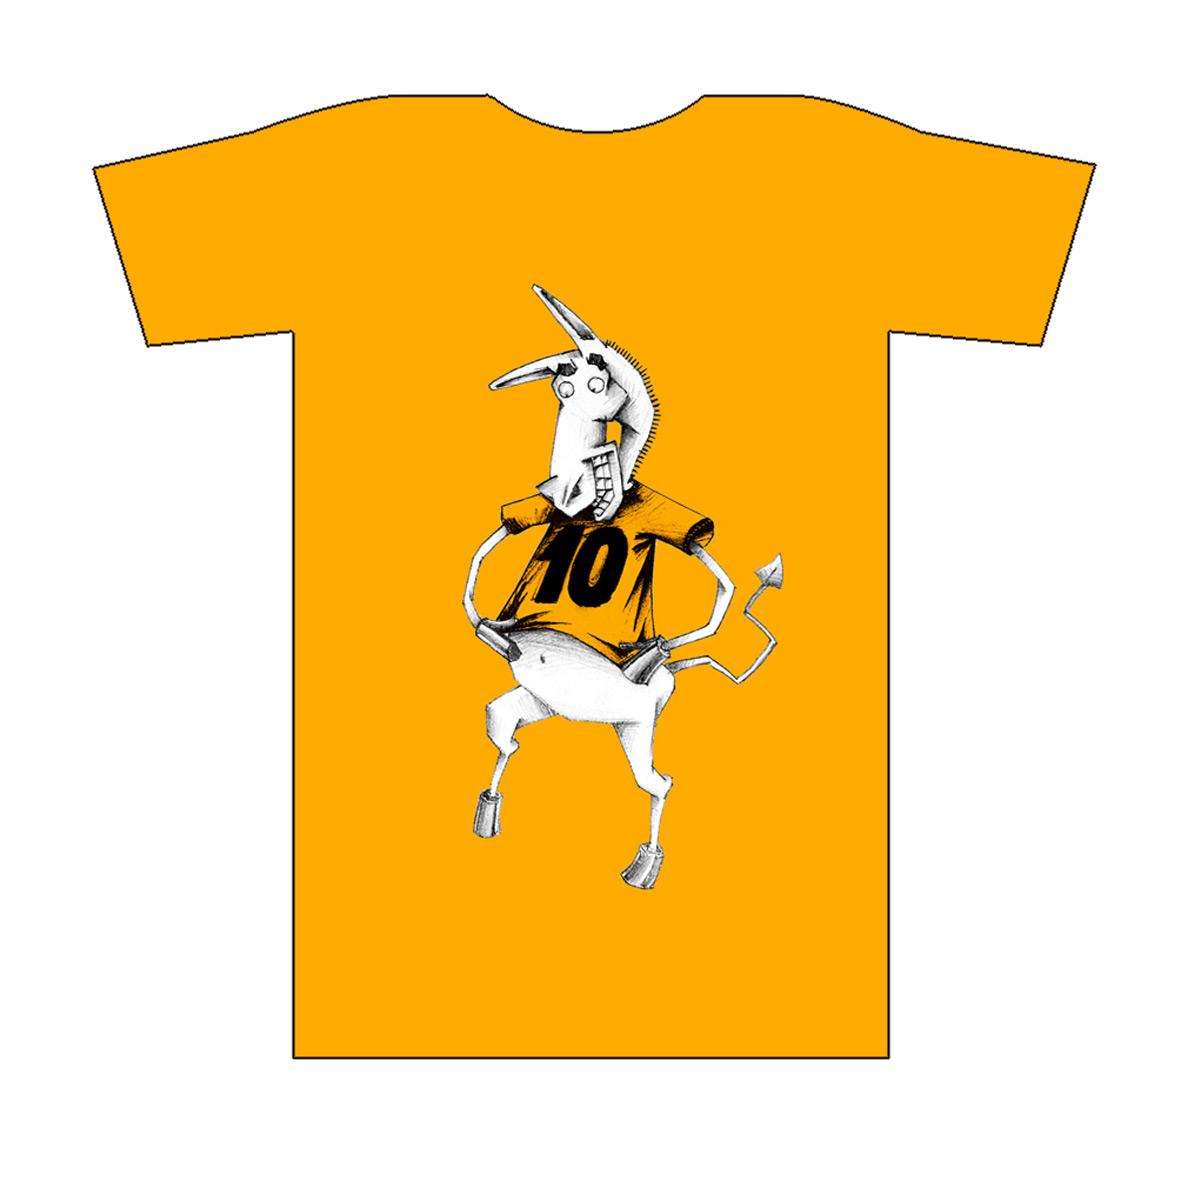 Per als 10 anys de la trobada de directors de lleure s'editaren samarretes amb el personatge